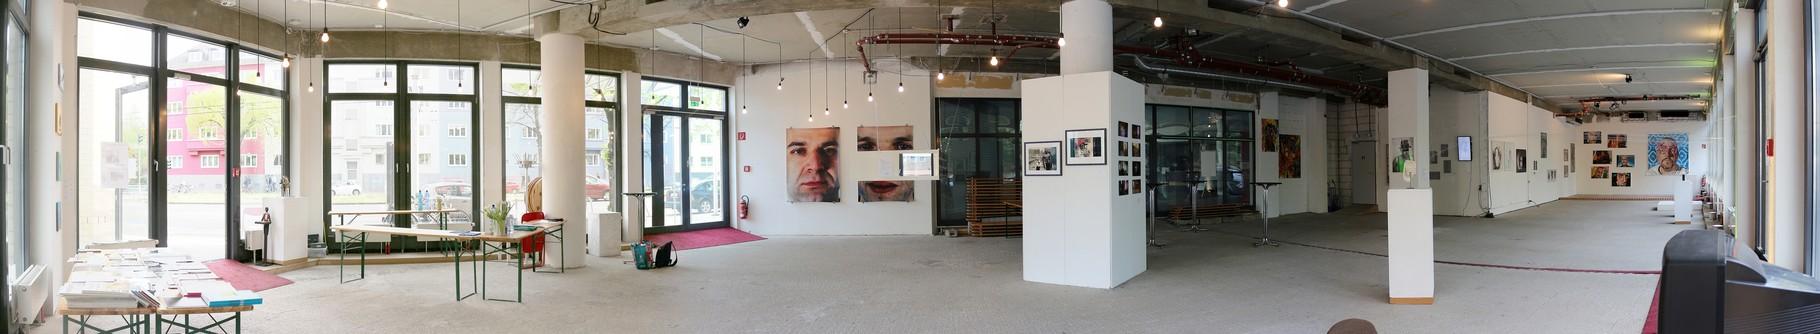 Ausstellungsansicht, Foto Ingo B. Reize